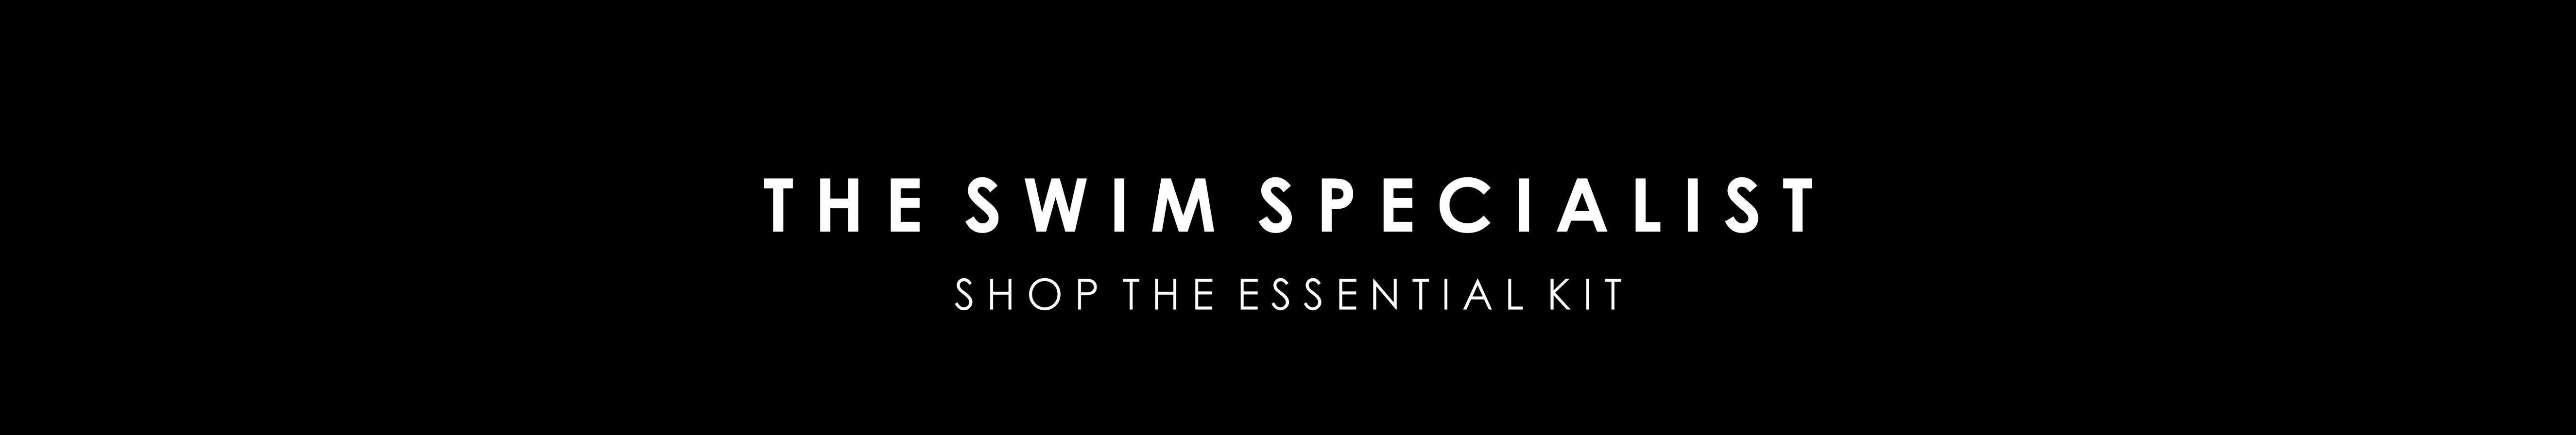 the-swim-specialist-banner.jpg